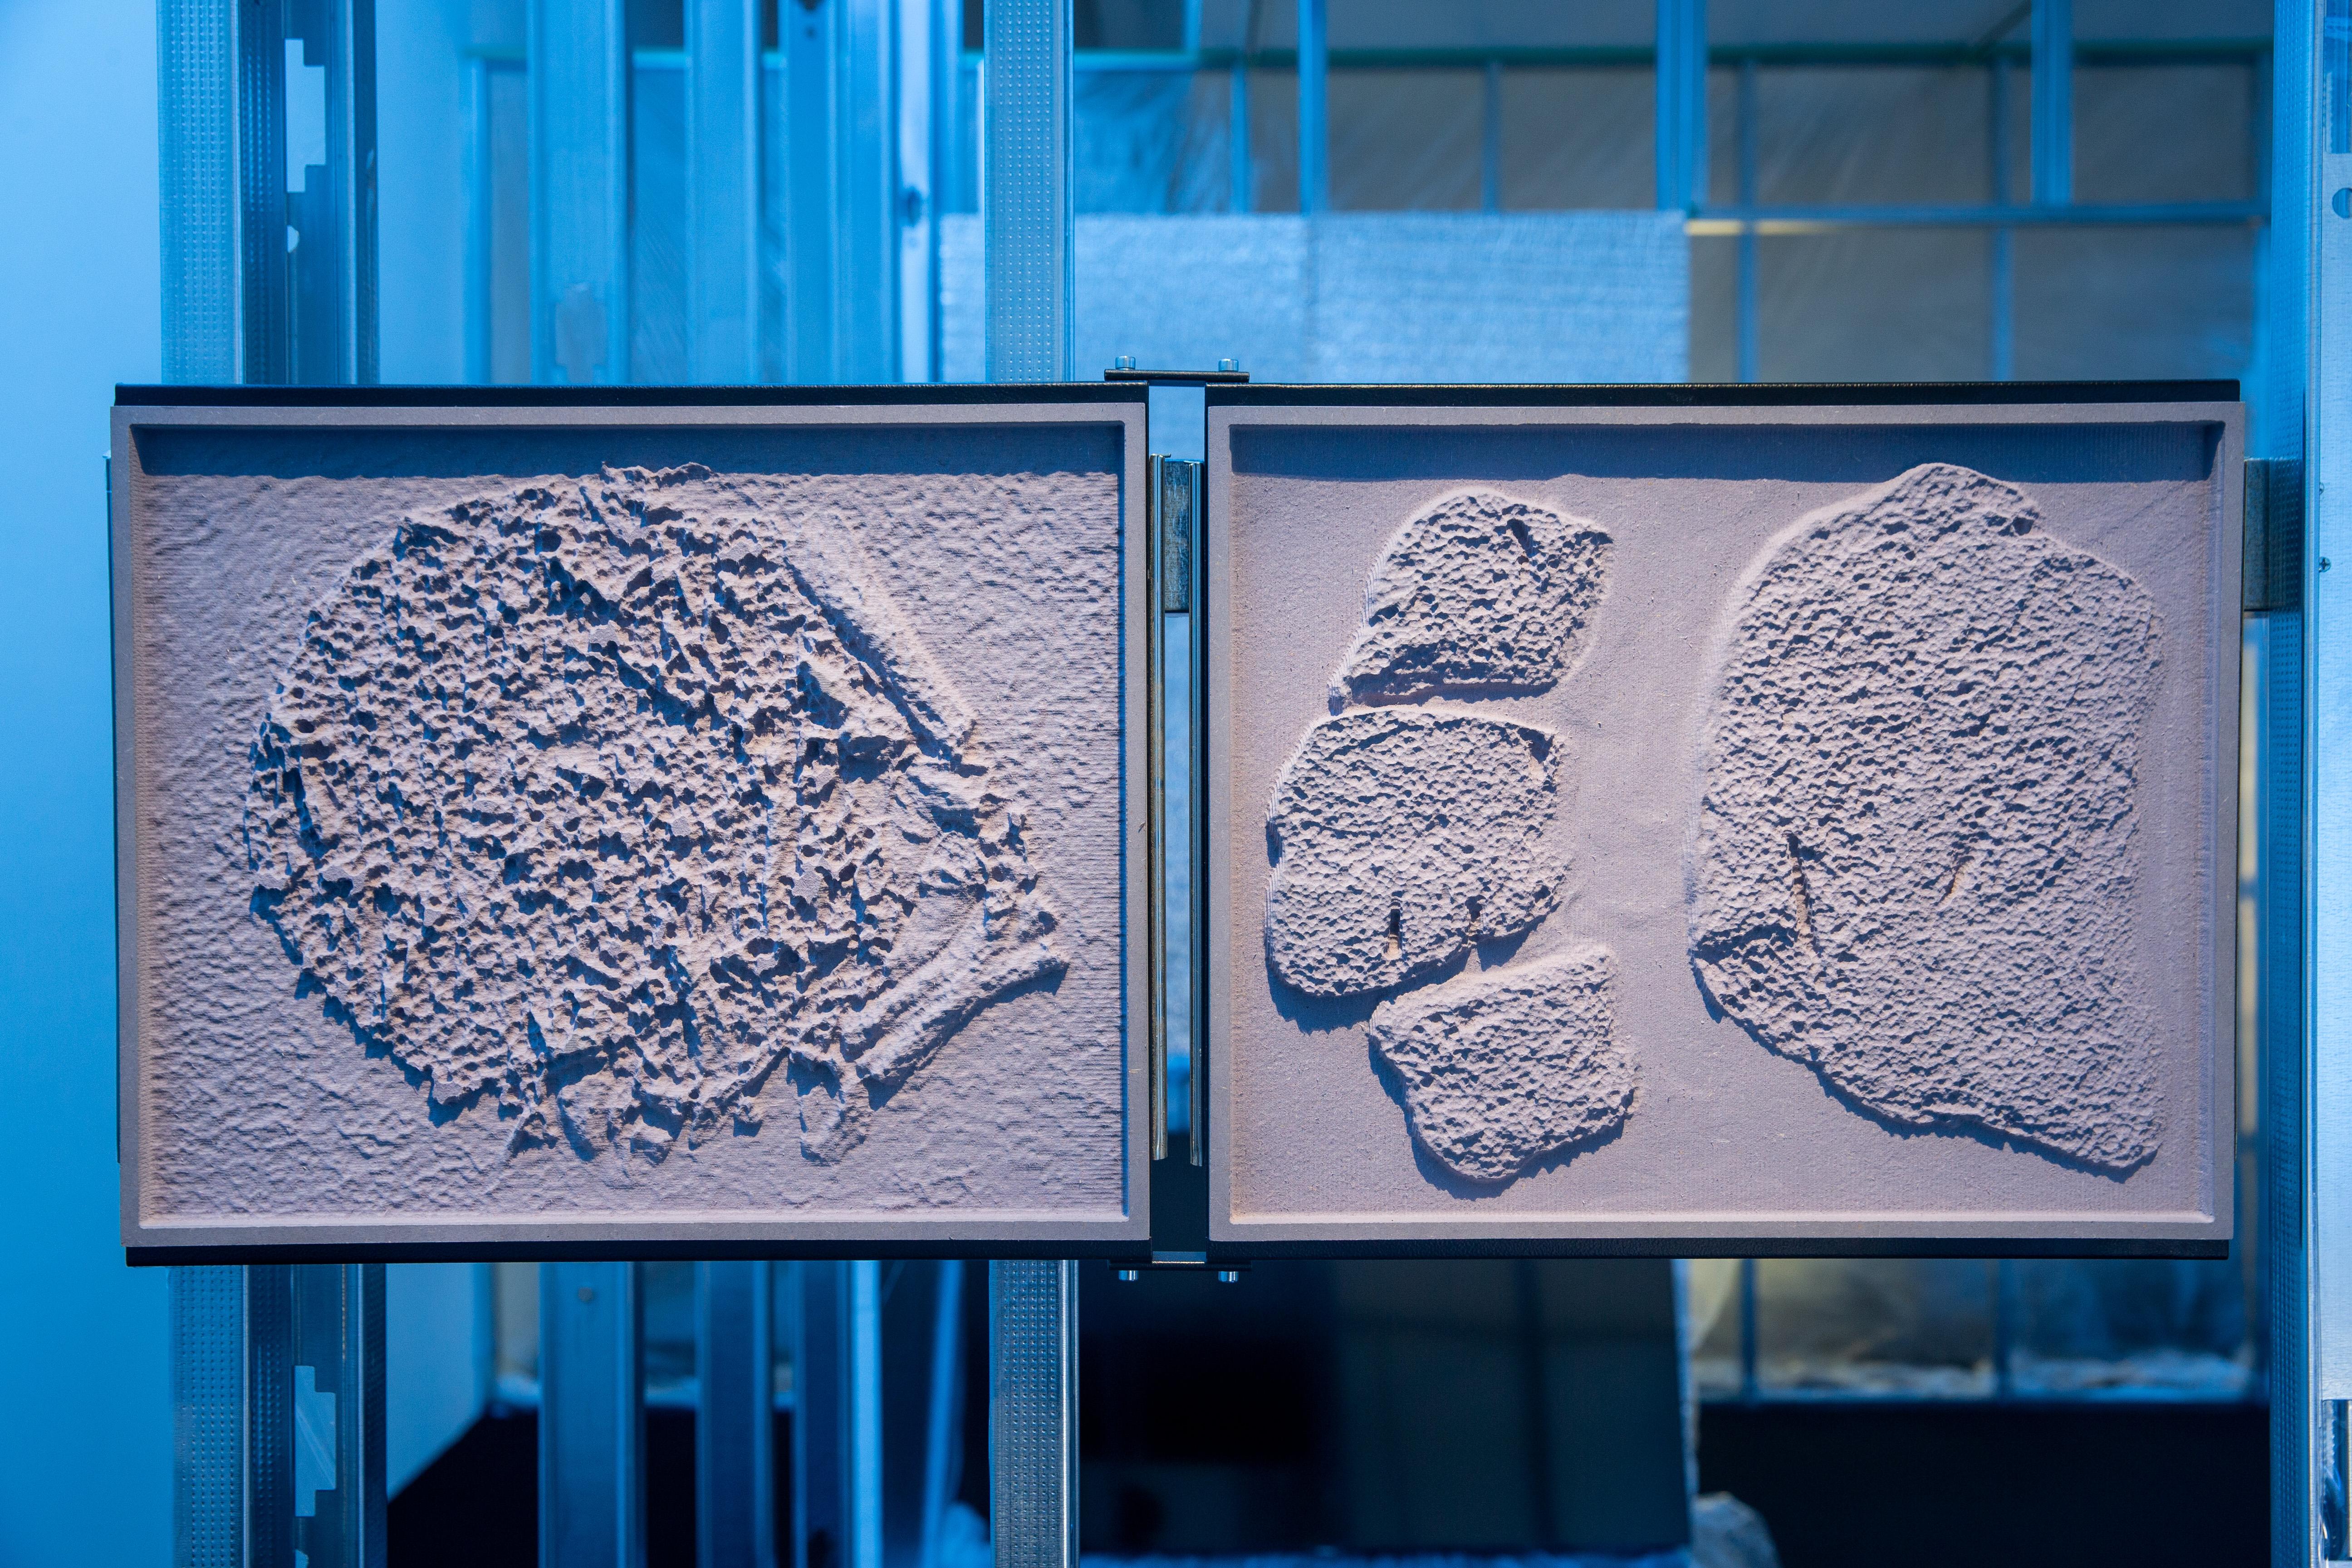 Corrupted Air – Act VI_Taipei Biennial 2020_12